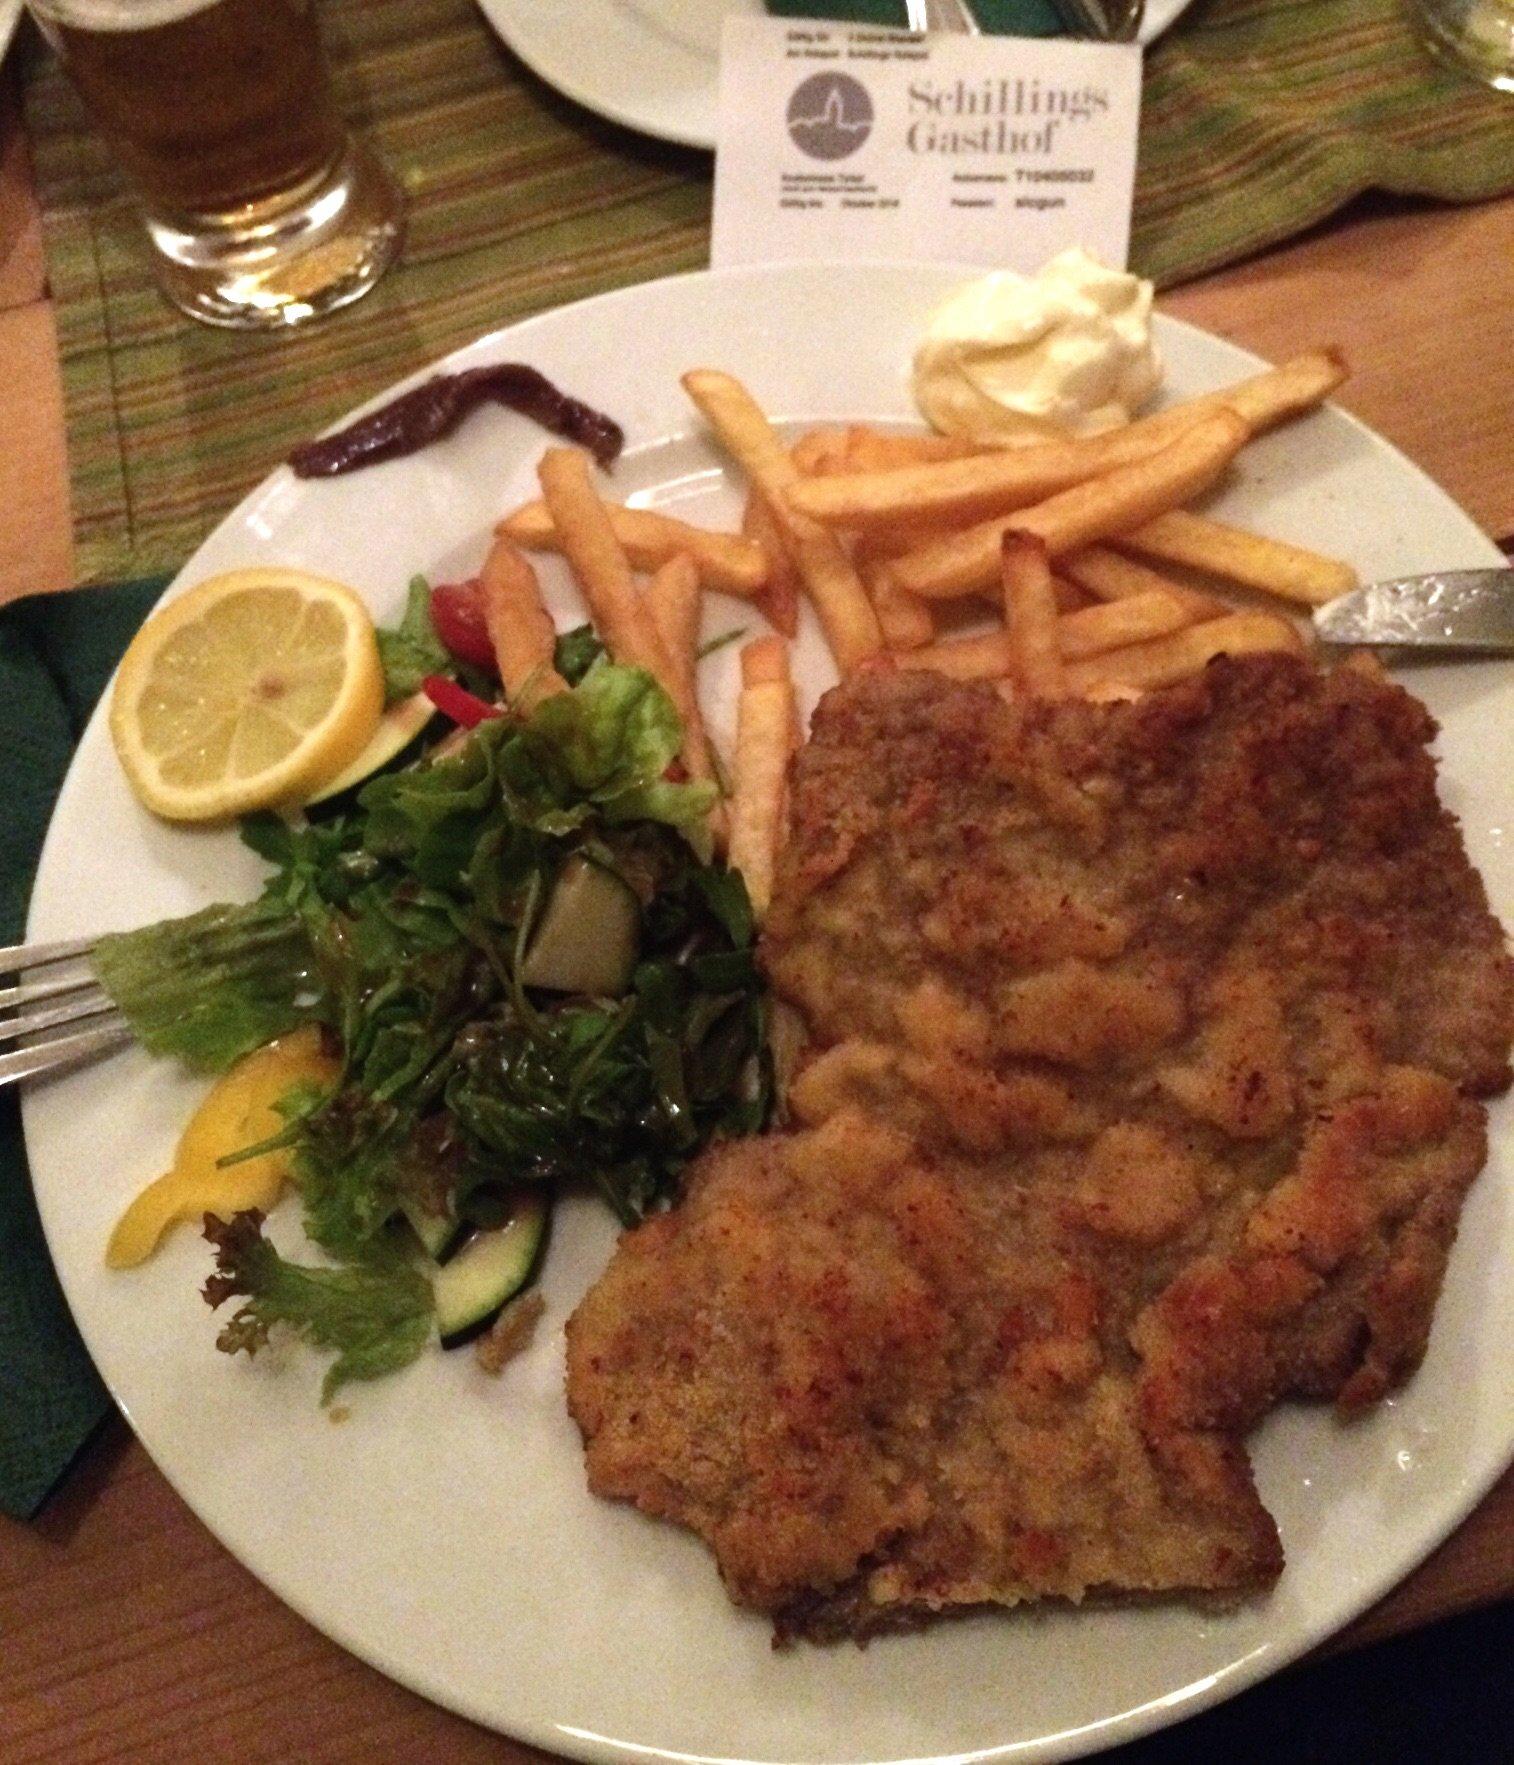 Varje kvälls meny - en schnitzel. Vällagat och fullt av energi. Väl balanserat med pommes och majonäs